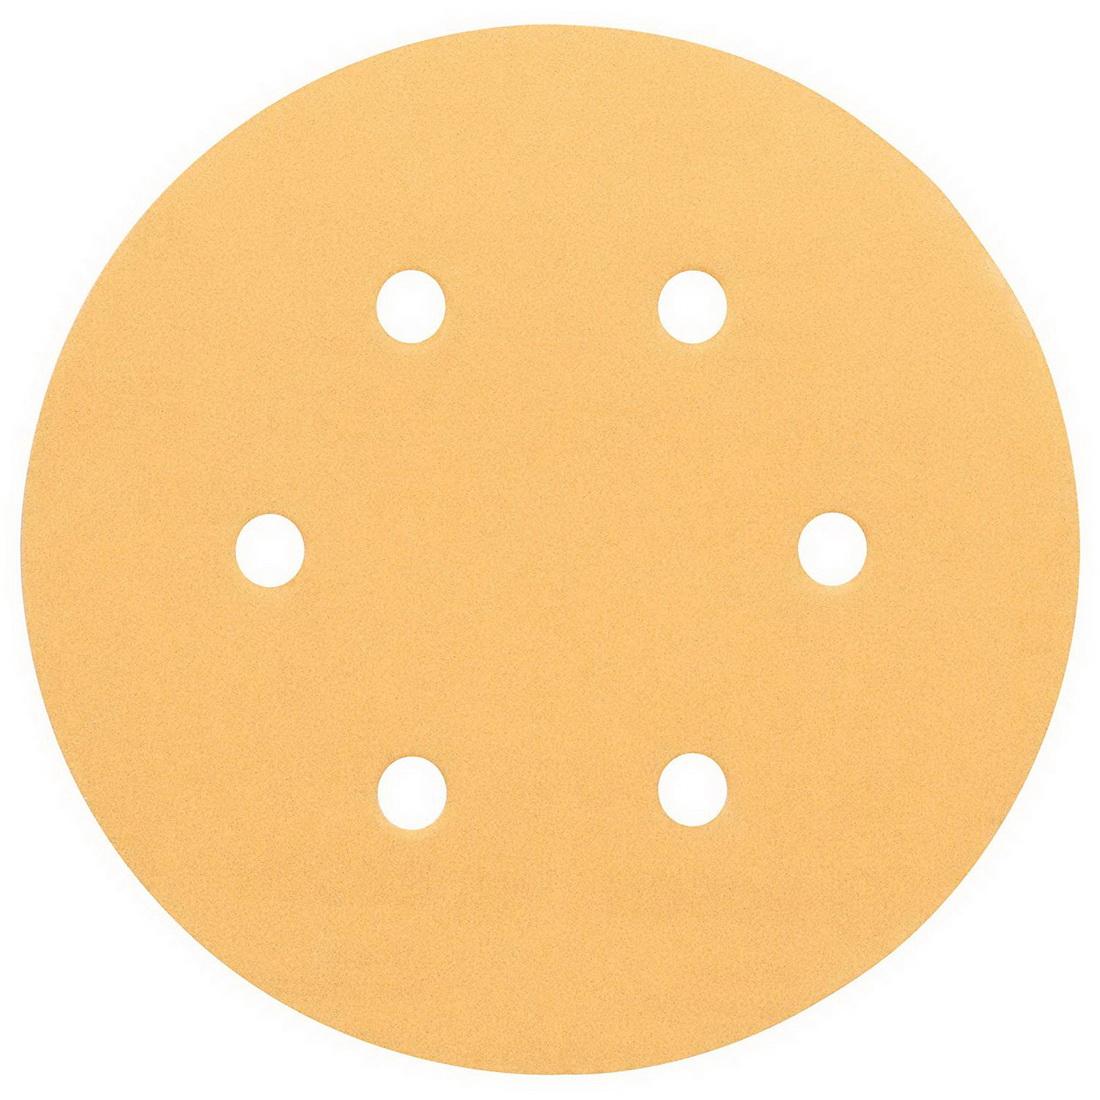 6-Hole C470 Random Orbital Sanding Disc For Wood 150mm 80 Grit 5 pack 2608605087